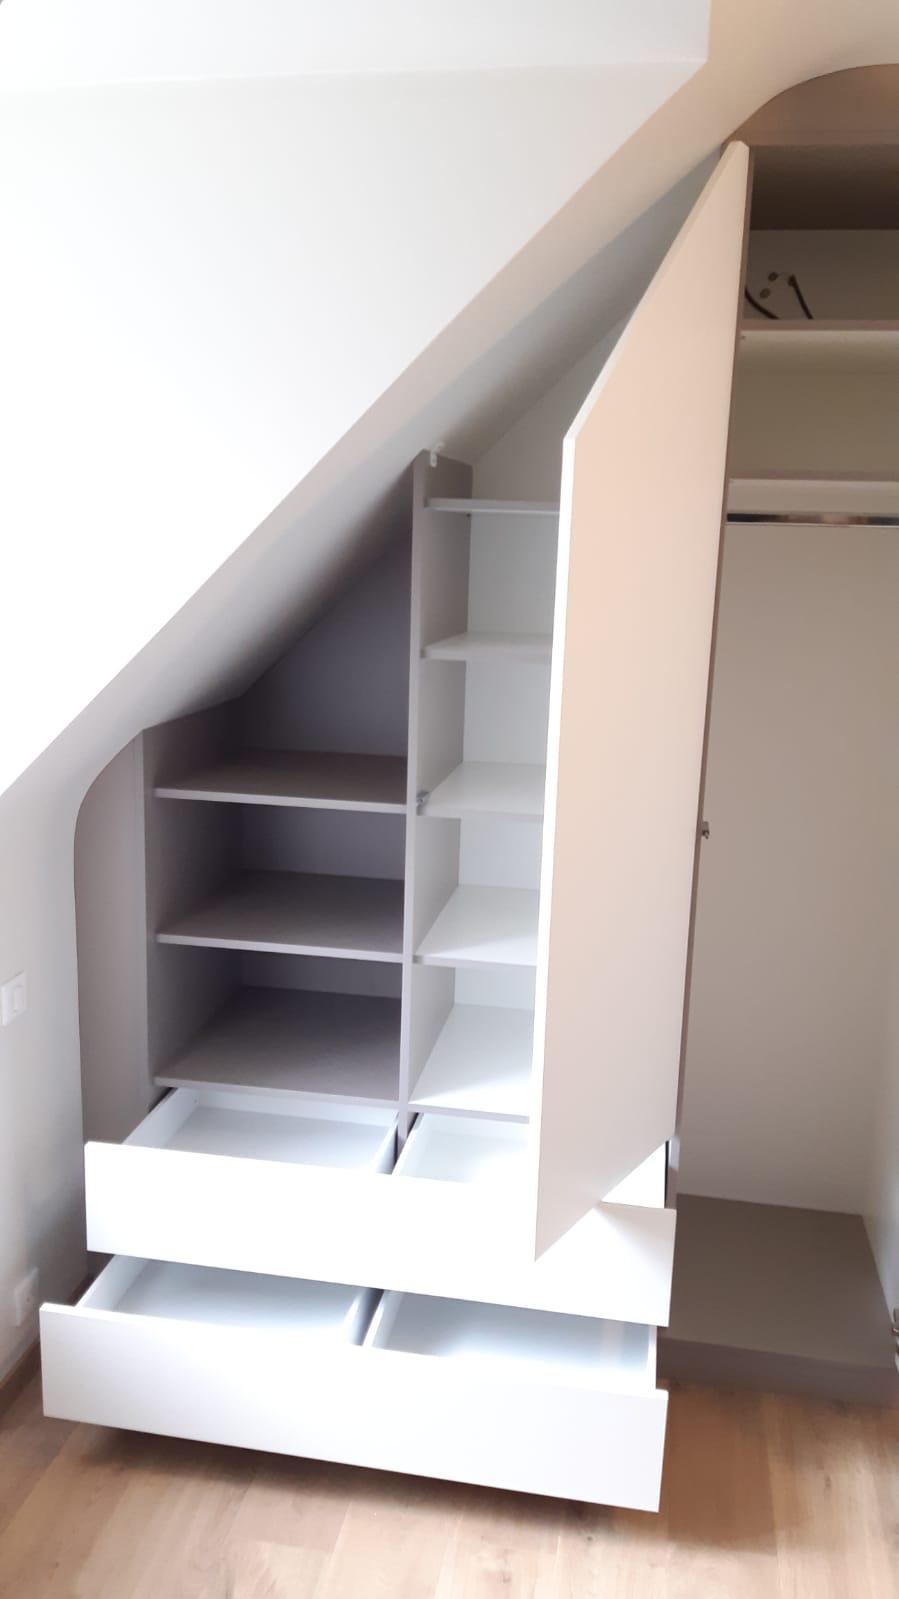 Sur cette deuxième photo, on voit le placard sous pente avec ses espaces de rangements ouverts.